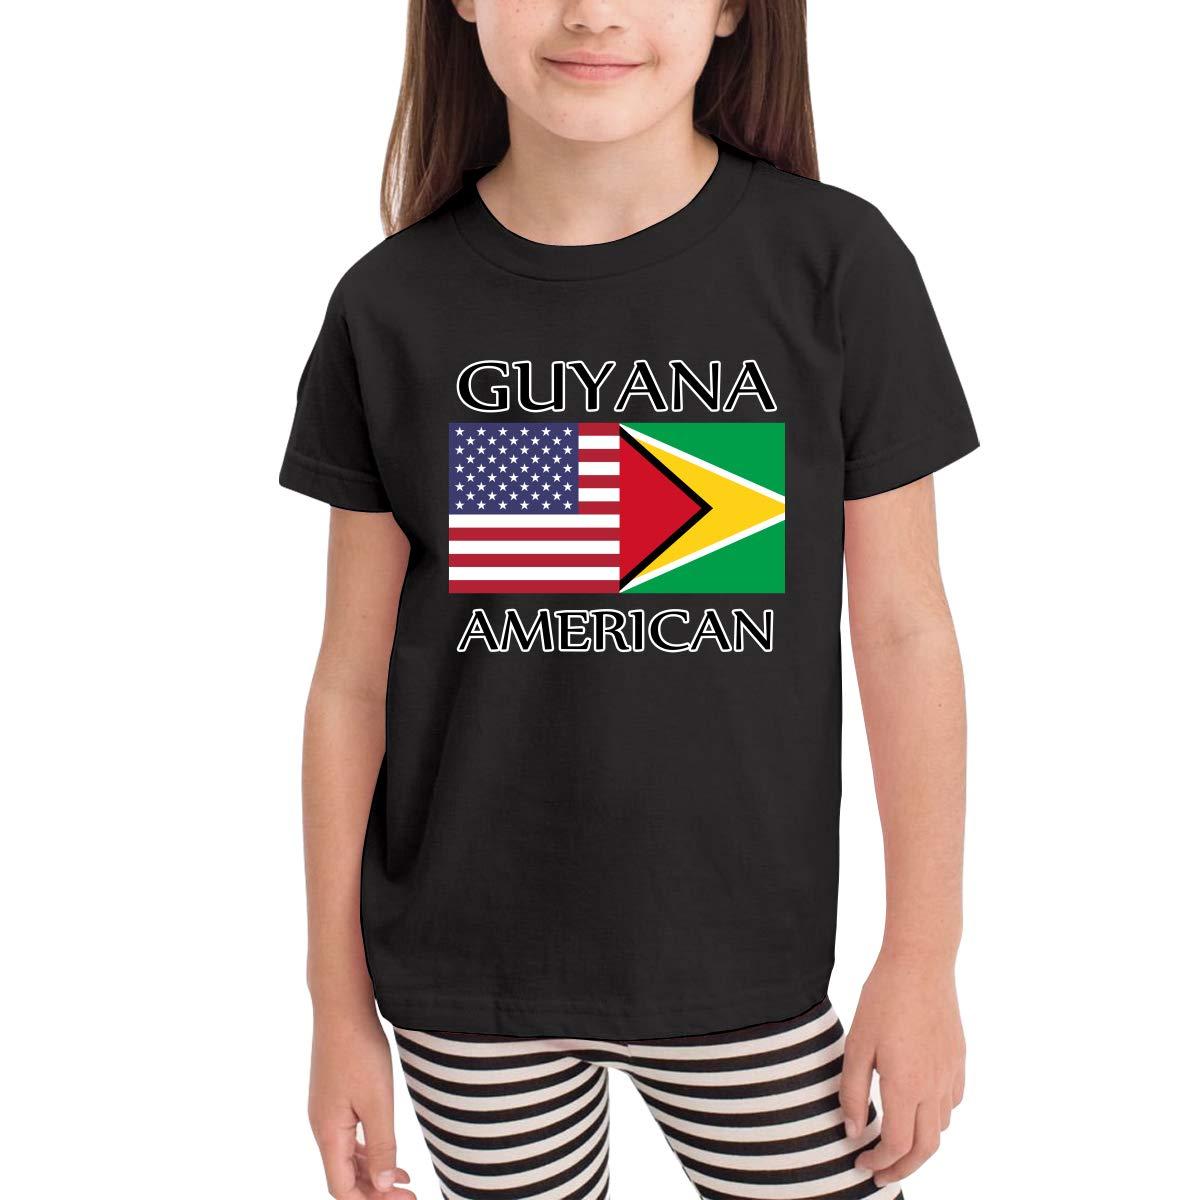 CERTONGCXTS Little Girls Guyana American Flag Cotton Short Sleeve Tee Shirt Size 2-6